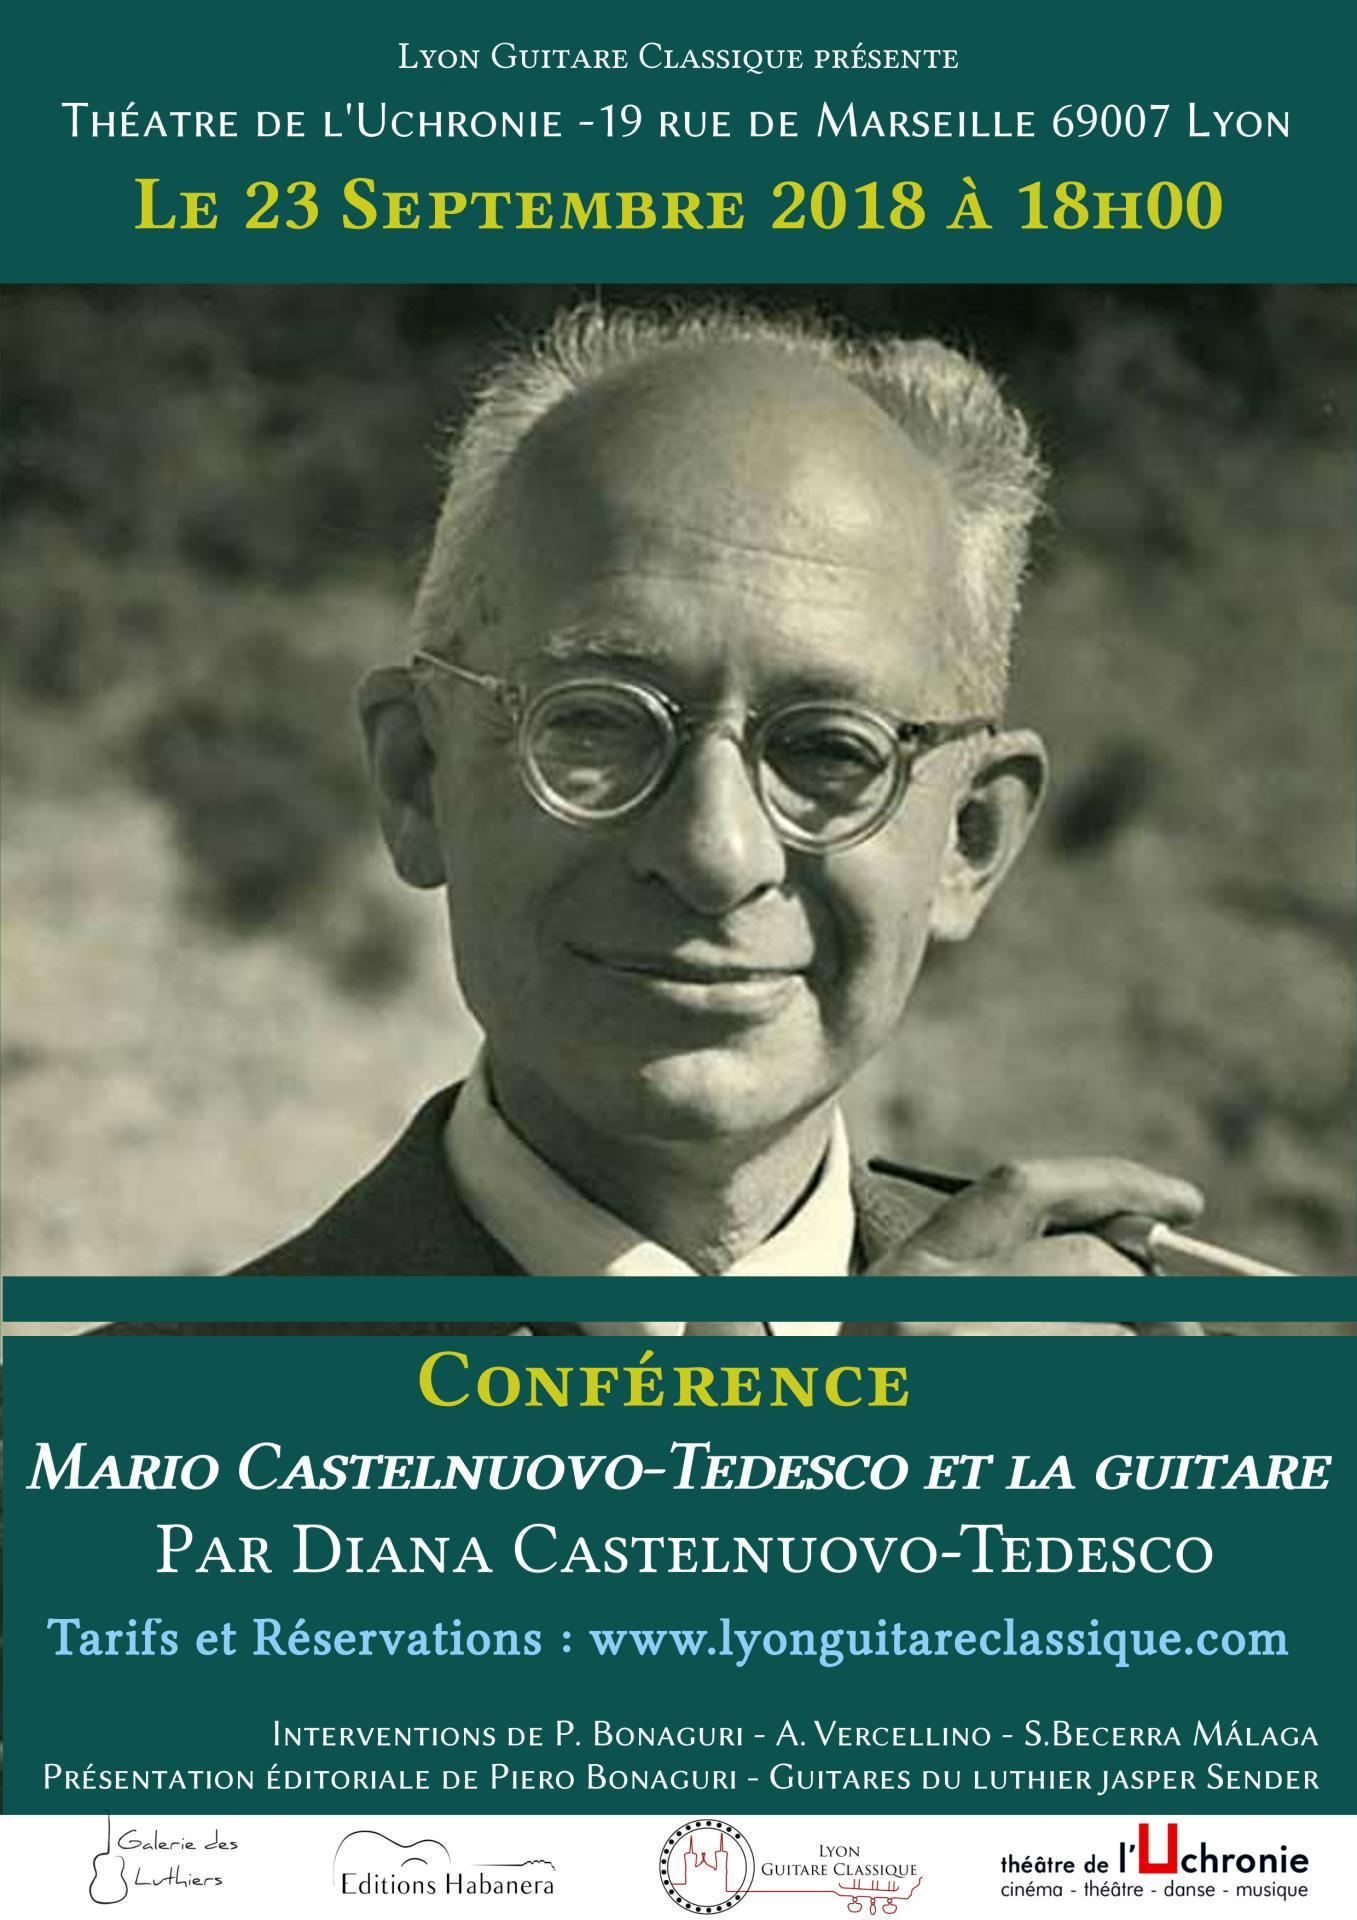 Affiche conference castelnuovo tedesco